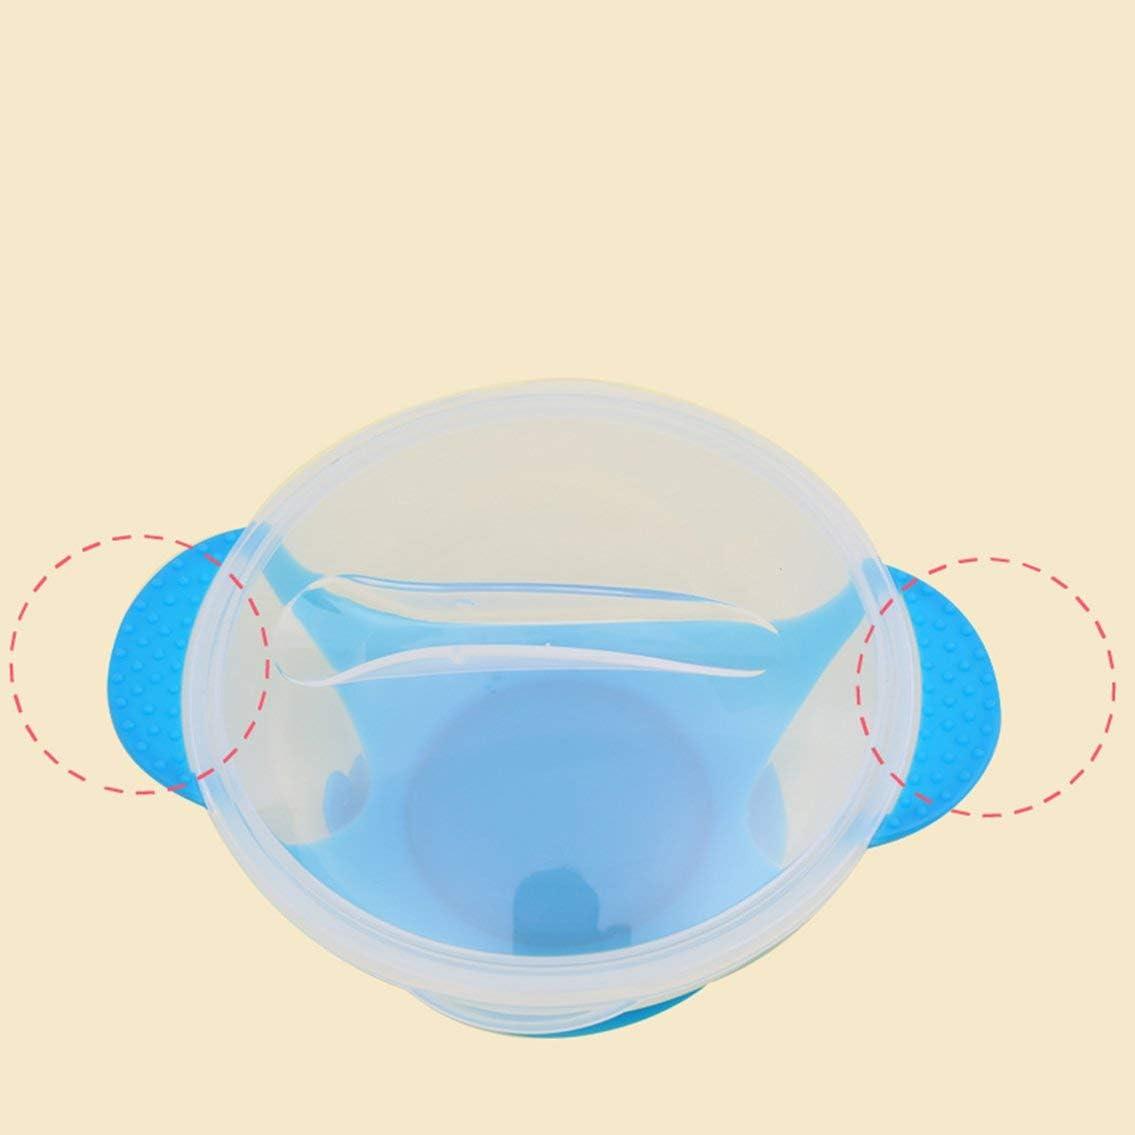 Cuchara de alimentaci/ón con sensor de temperatura Vajilla para ni/ños Plato de comida Platos de aprendizaje Plato//bandeja de servicio Juego de vajilla para beb/é rosa